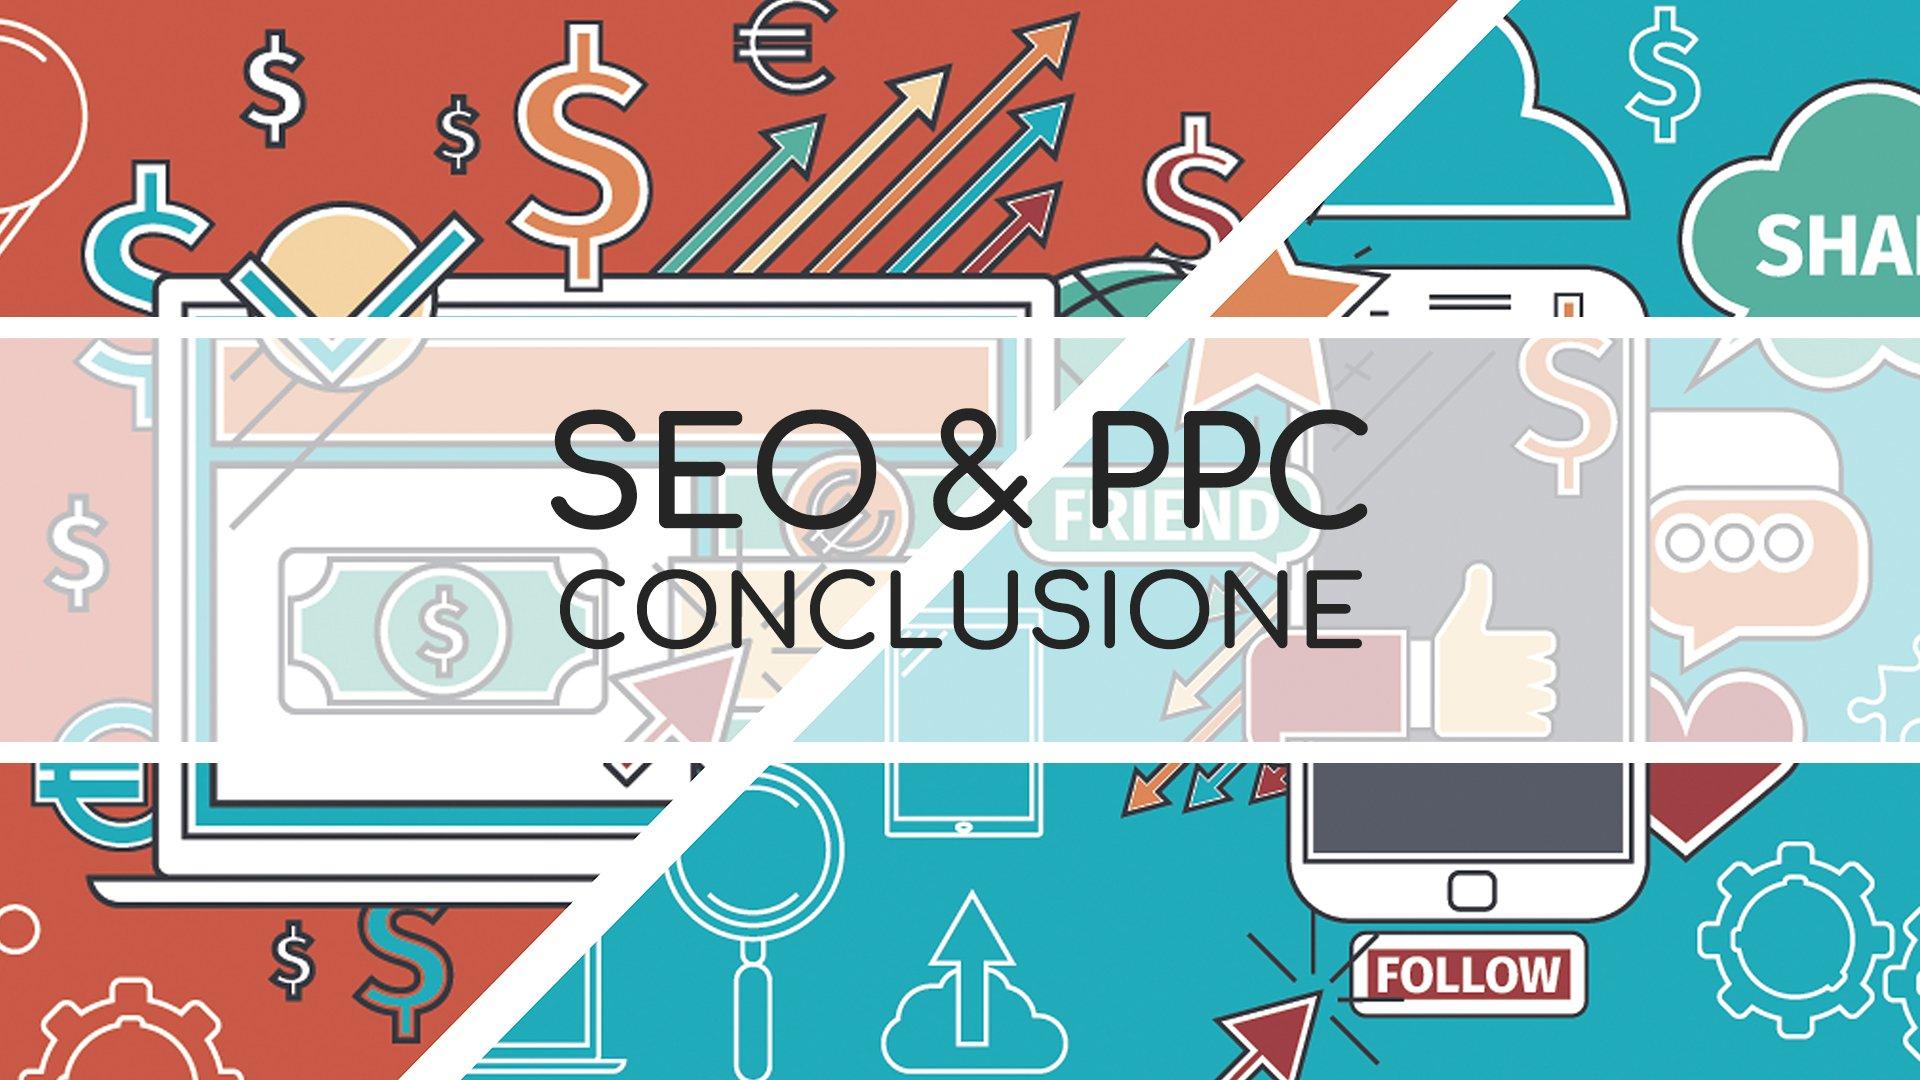 Loomen Studio Agenzia Comunicazione Roma - SEO e PPC: conclusione